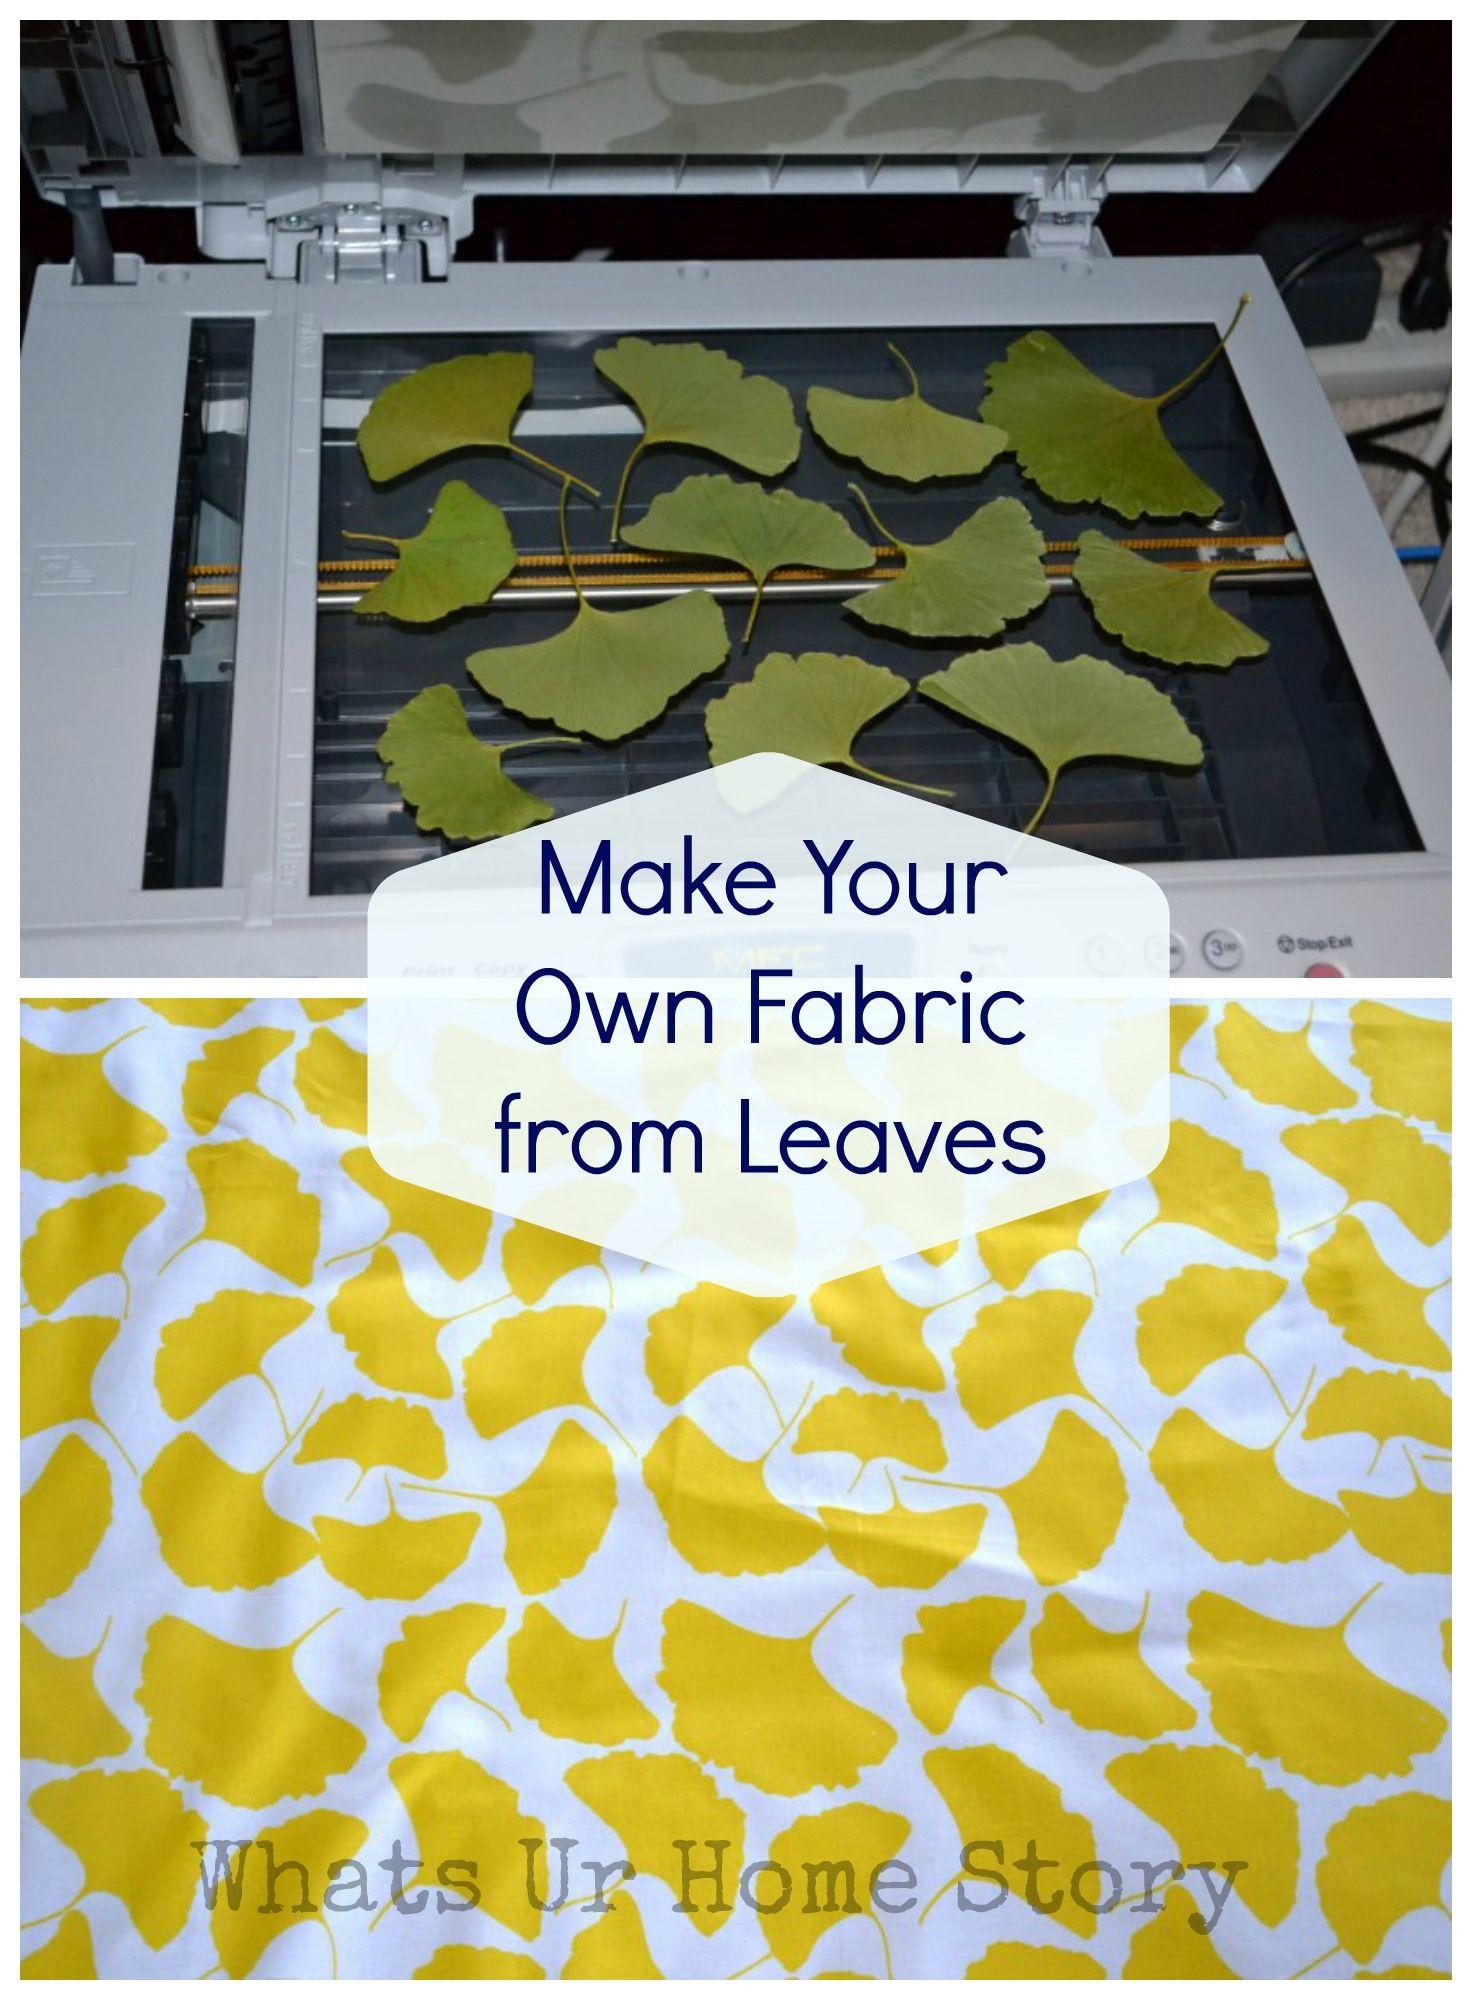 Hier auch eine schöne Idee, um die Herbstblätter zu nutzen für ein indivduelles Stoffdesign. Den Stoff zum Bedrucken gibt es bei www.Stoff-Schmie.de...